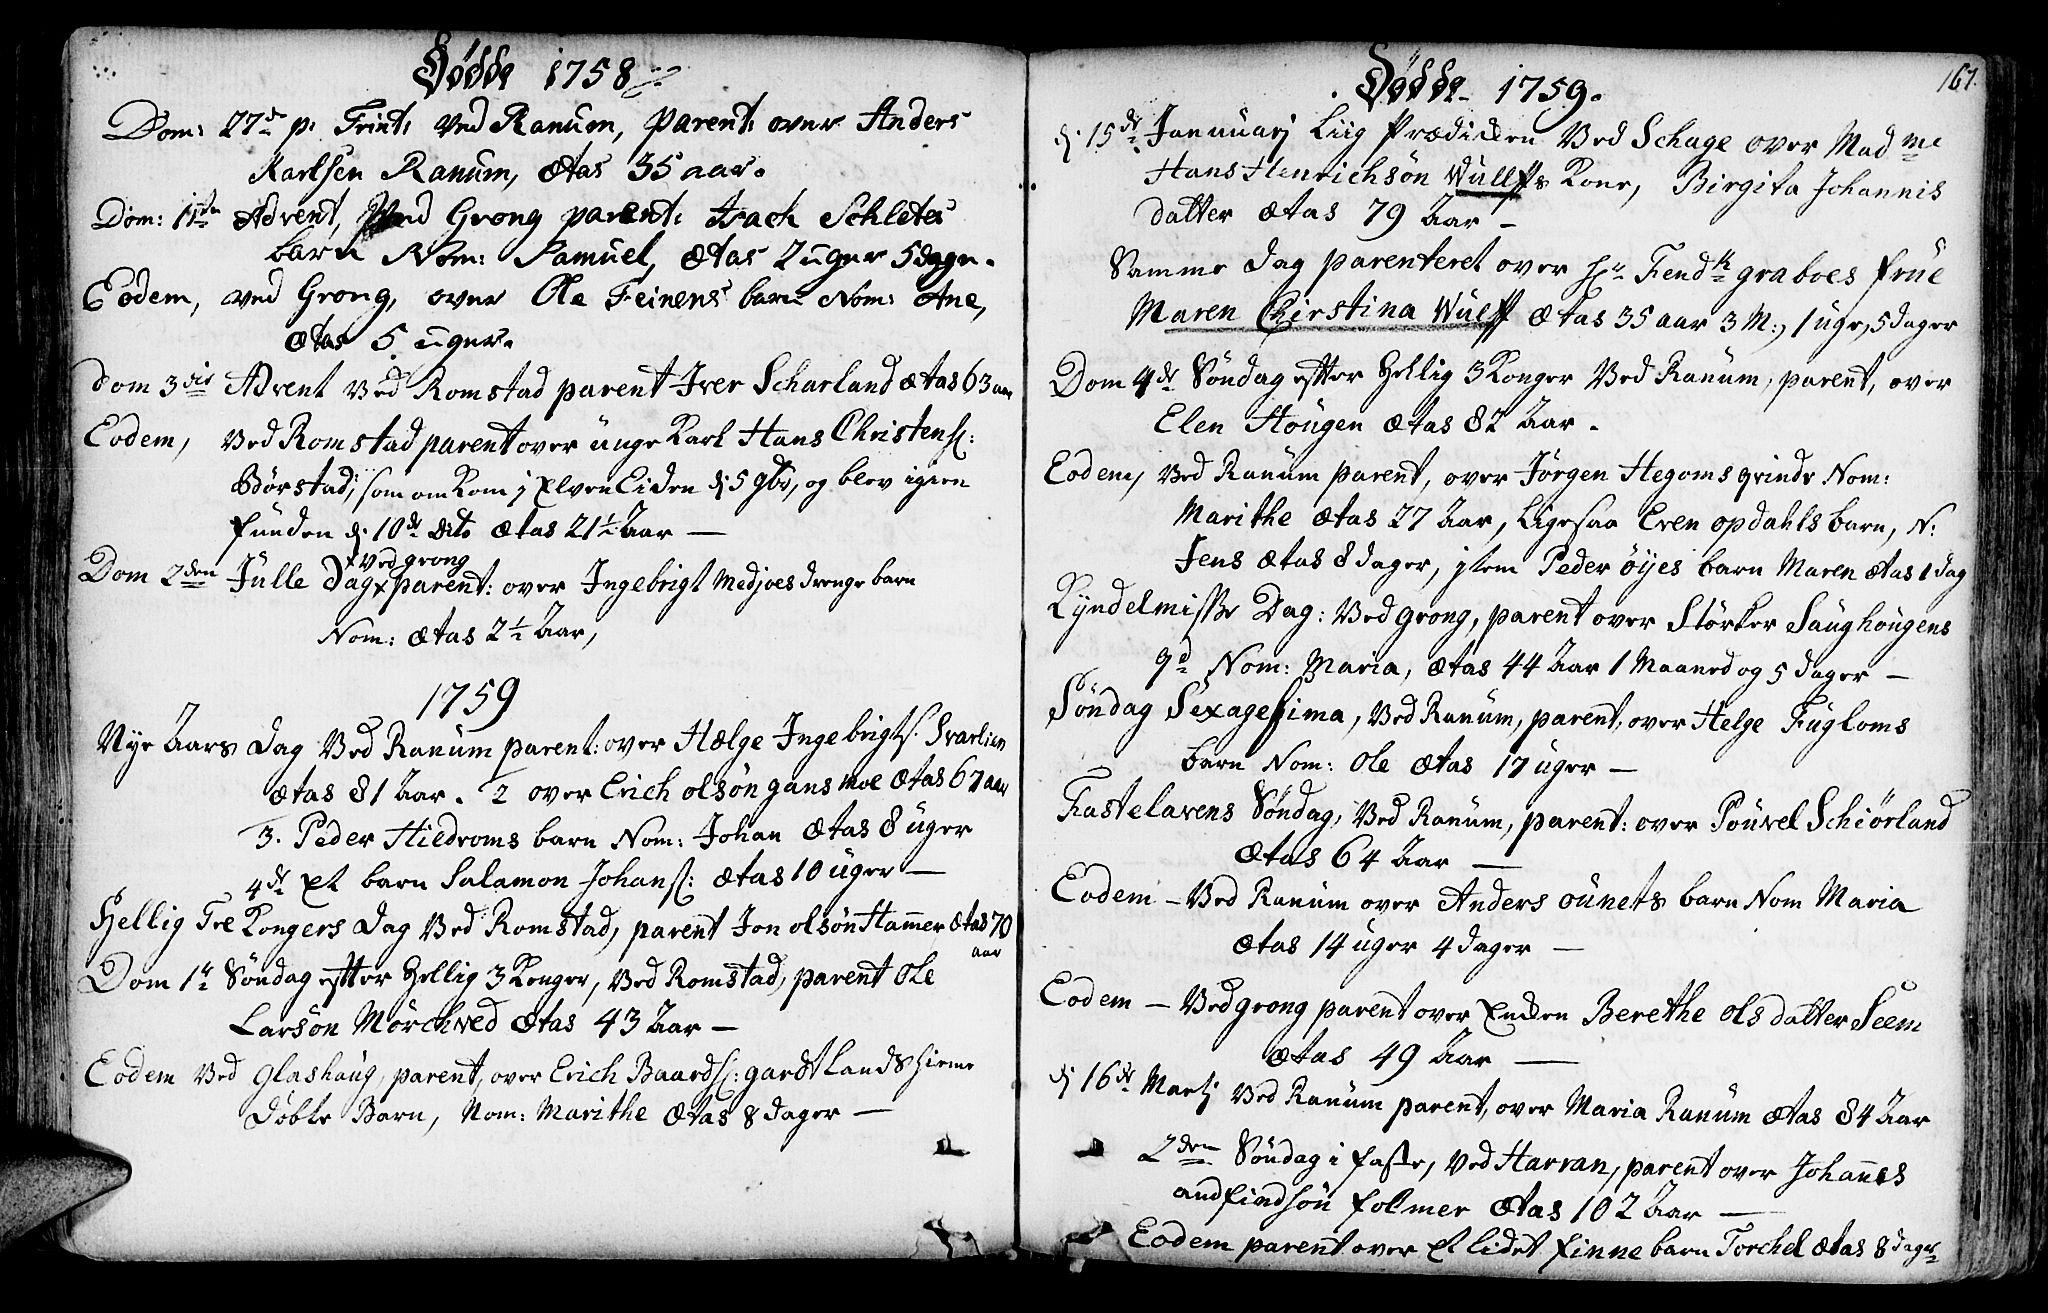 SAT, Ministerialprotokoller, klokkerbøker og fødselsregistre - Nord-Trøndelag, 764/L0542: Ministerialbok nr. 764A02, 1748-1779, s. 167